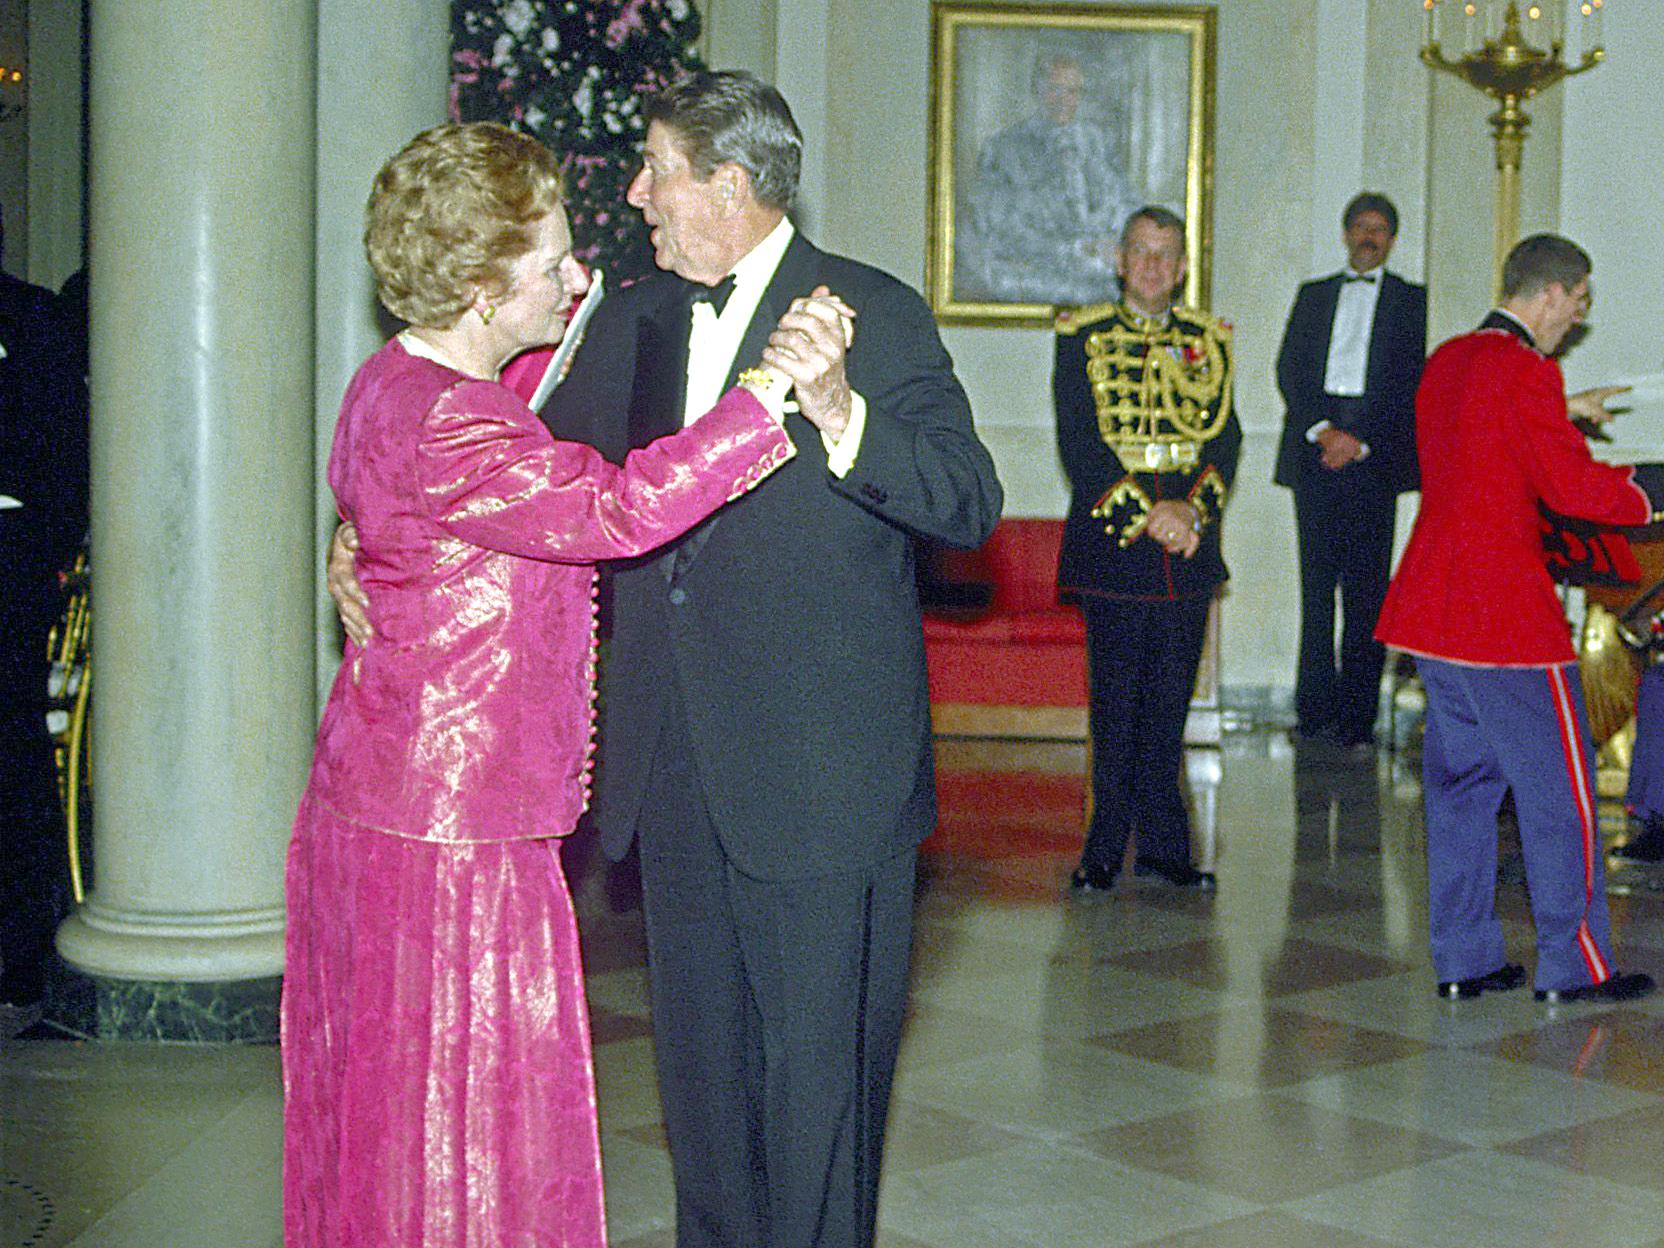 Recalling Margaret Thatcher True Friend With True Grit